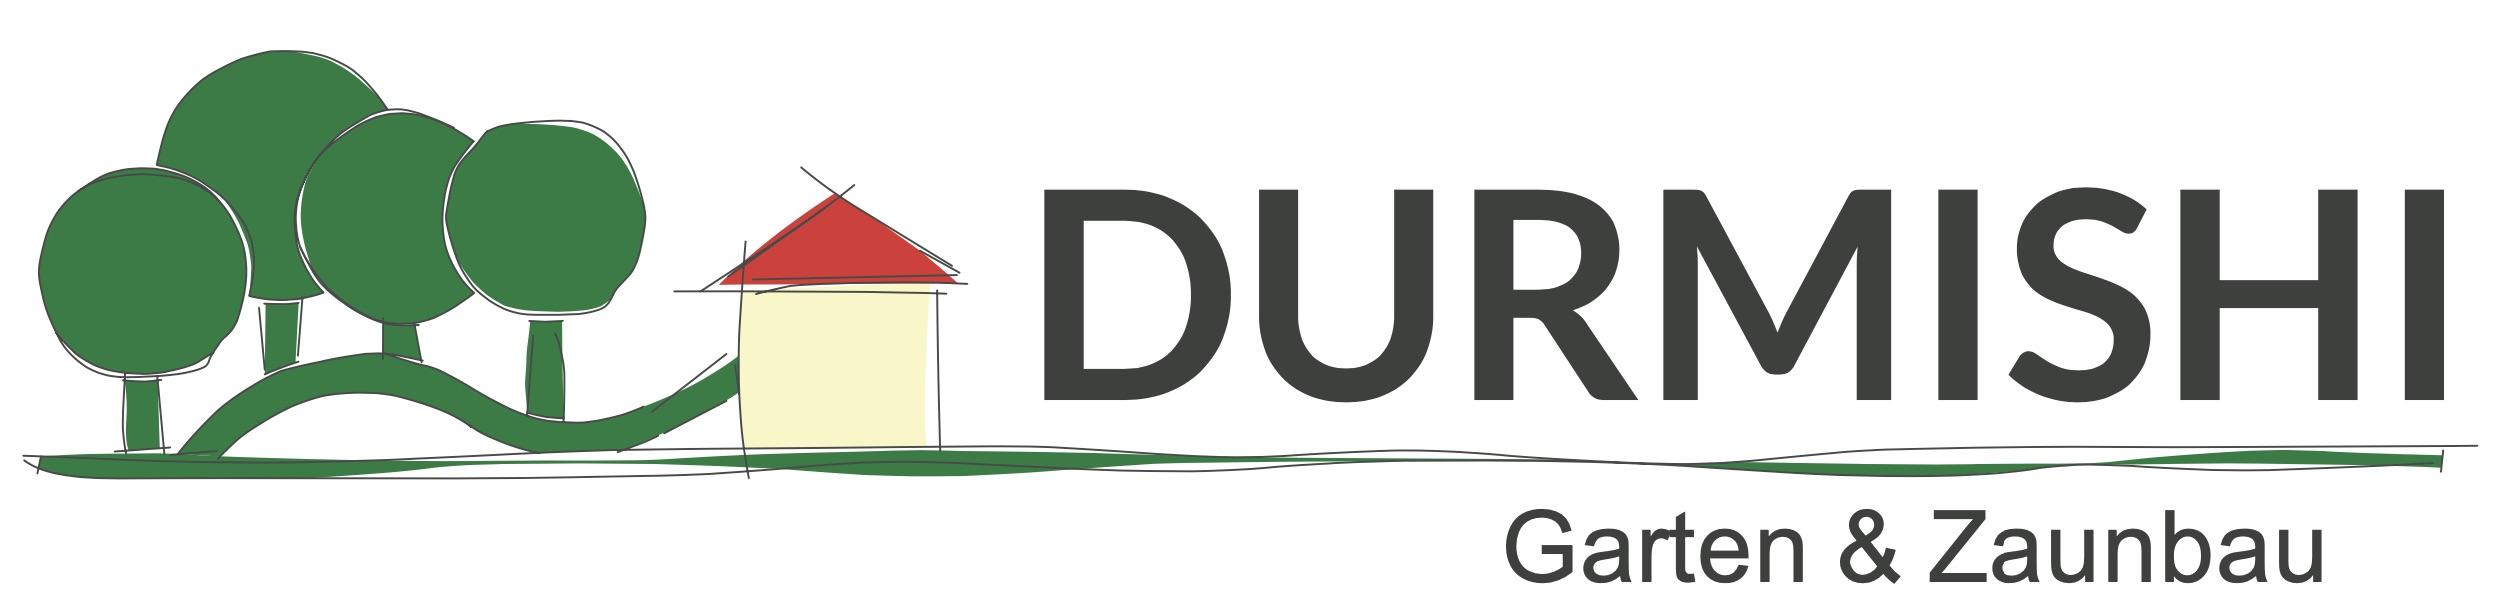 DURMISHI Garten & Zaunbau